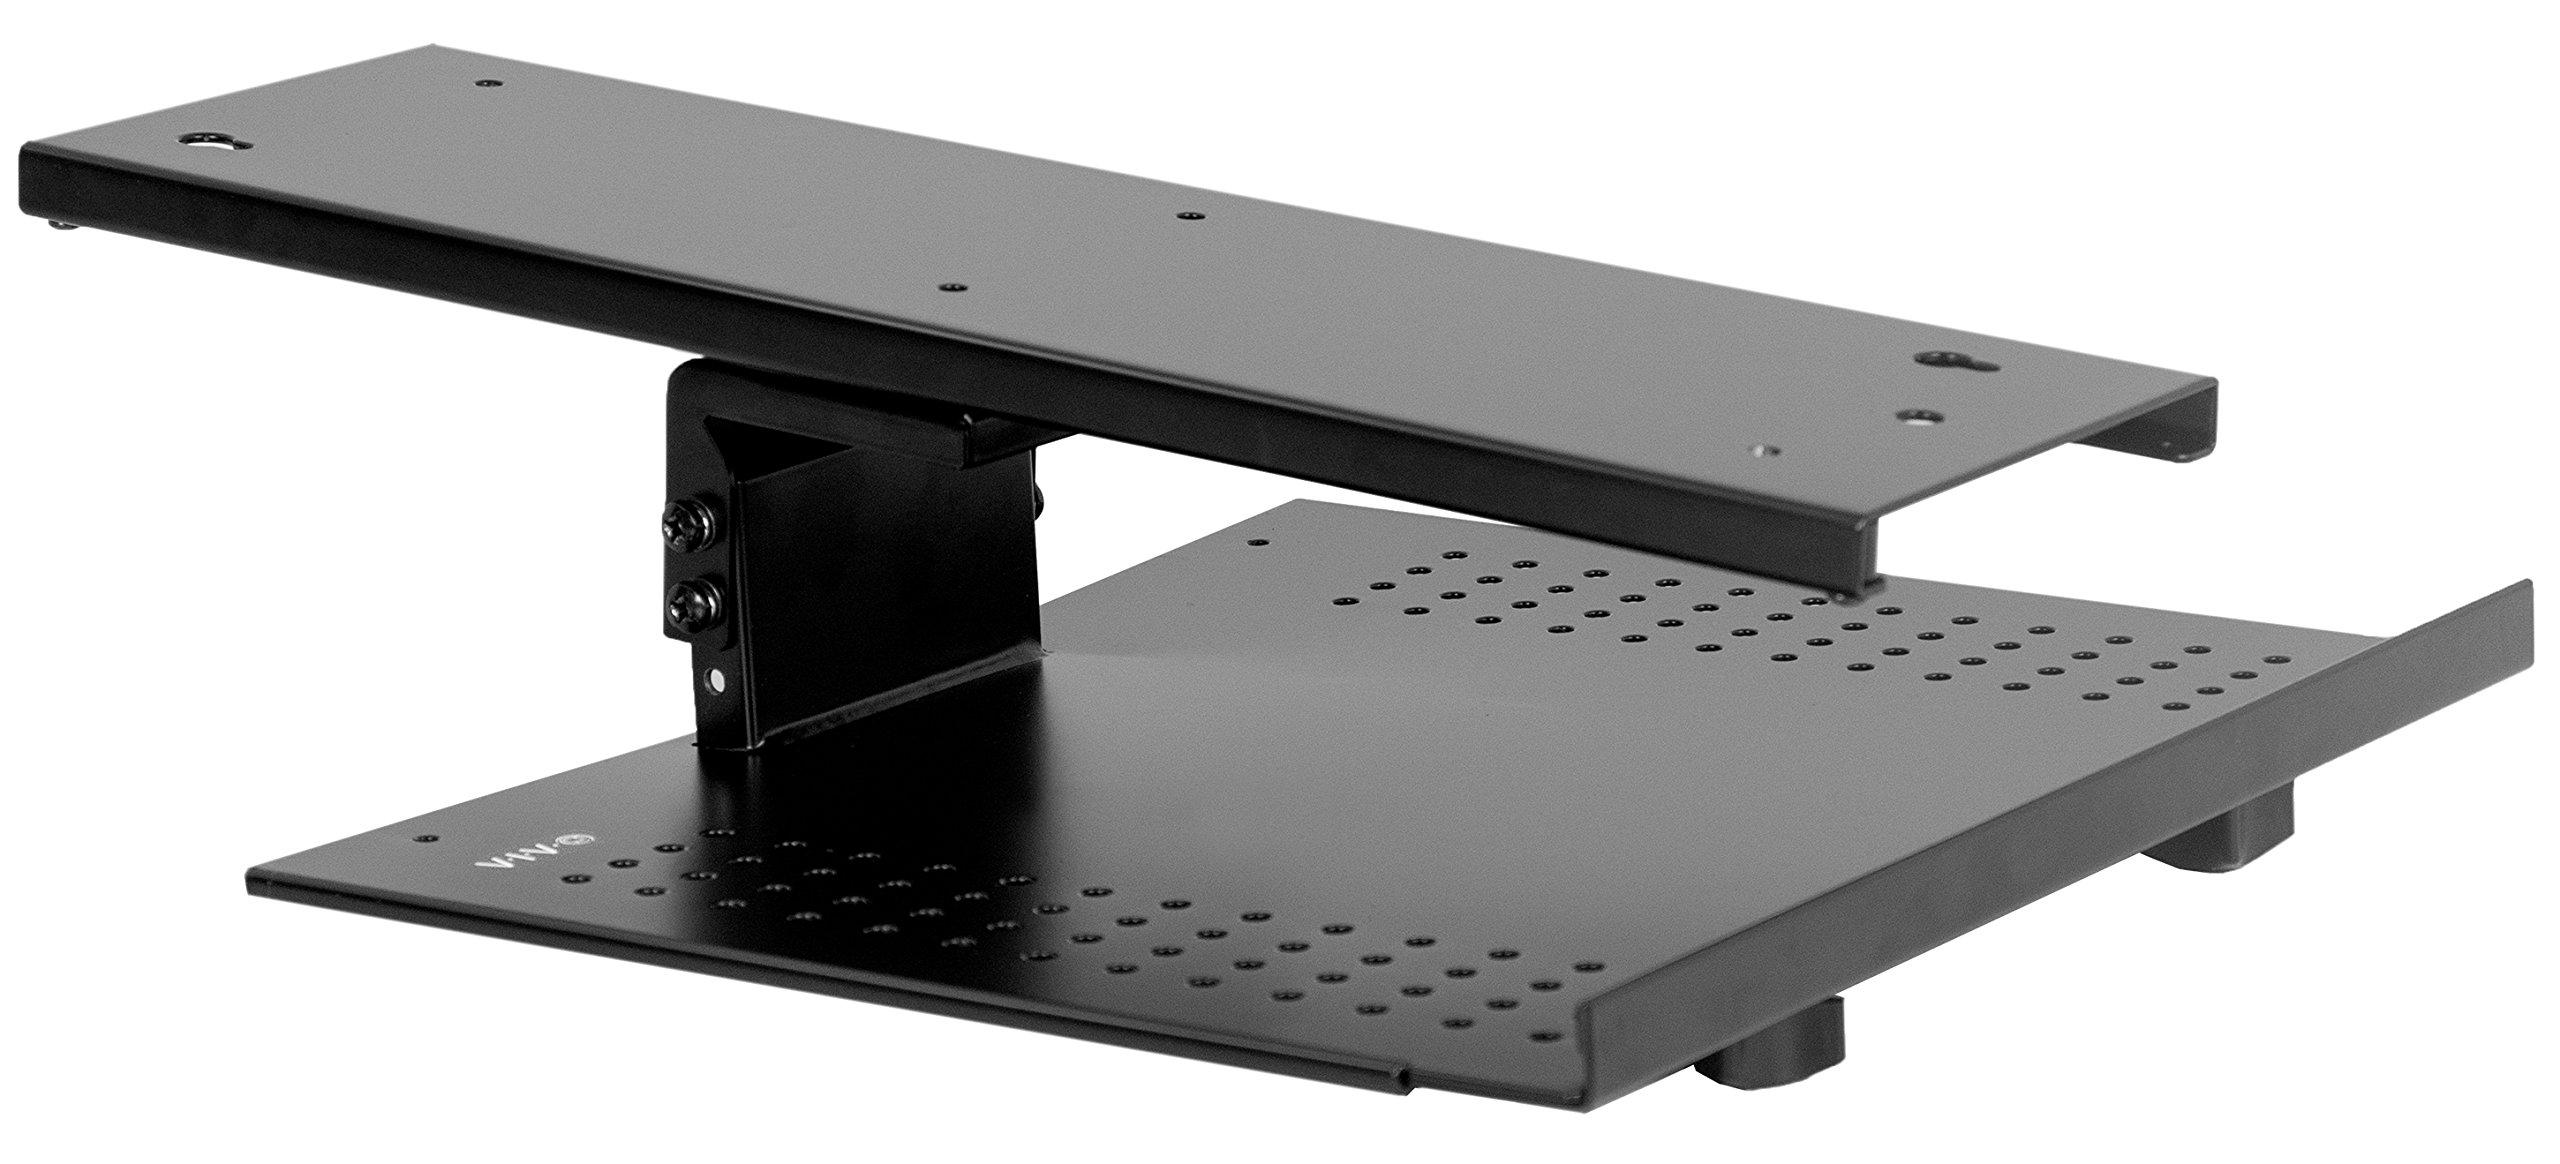 VIVO Black Sliding Tray Track Adjustable Platform Mounted Under Desk | Laptop Notebook Holder for Office Desk (DESK-AC02A)